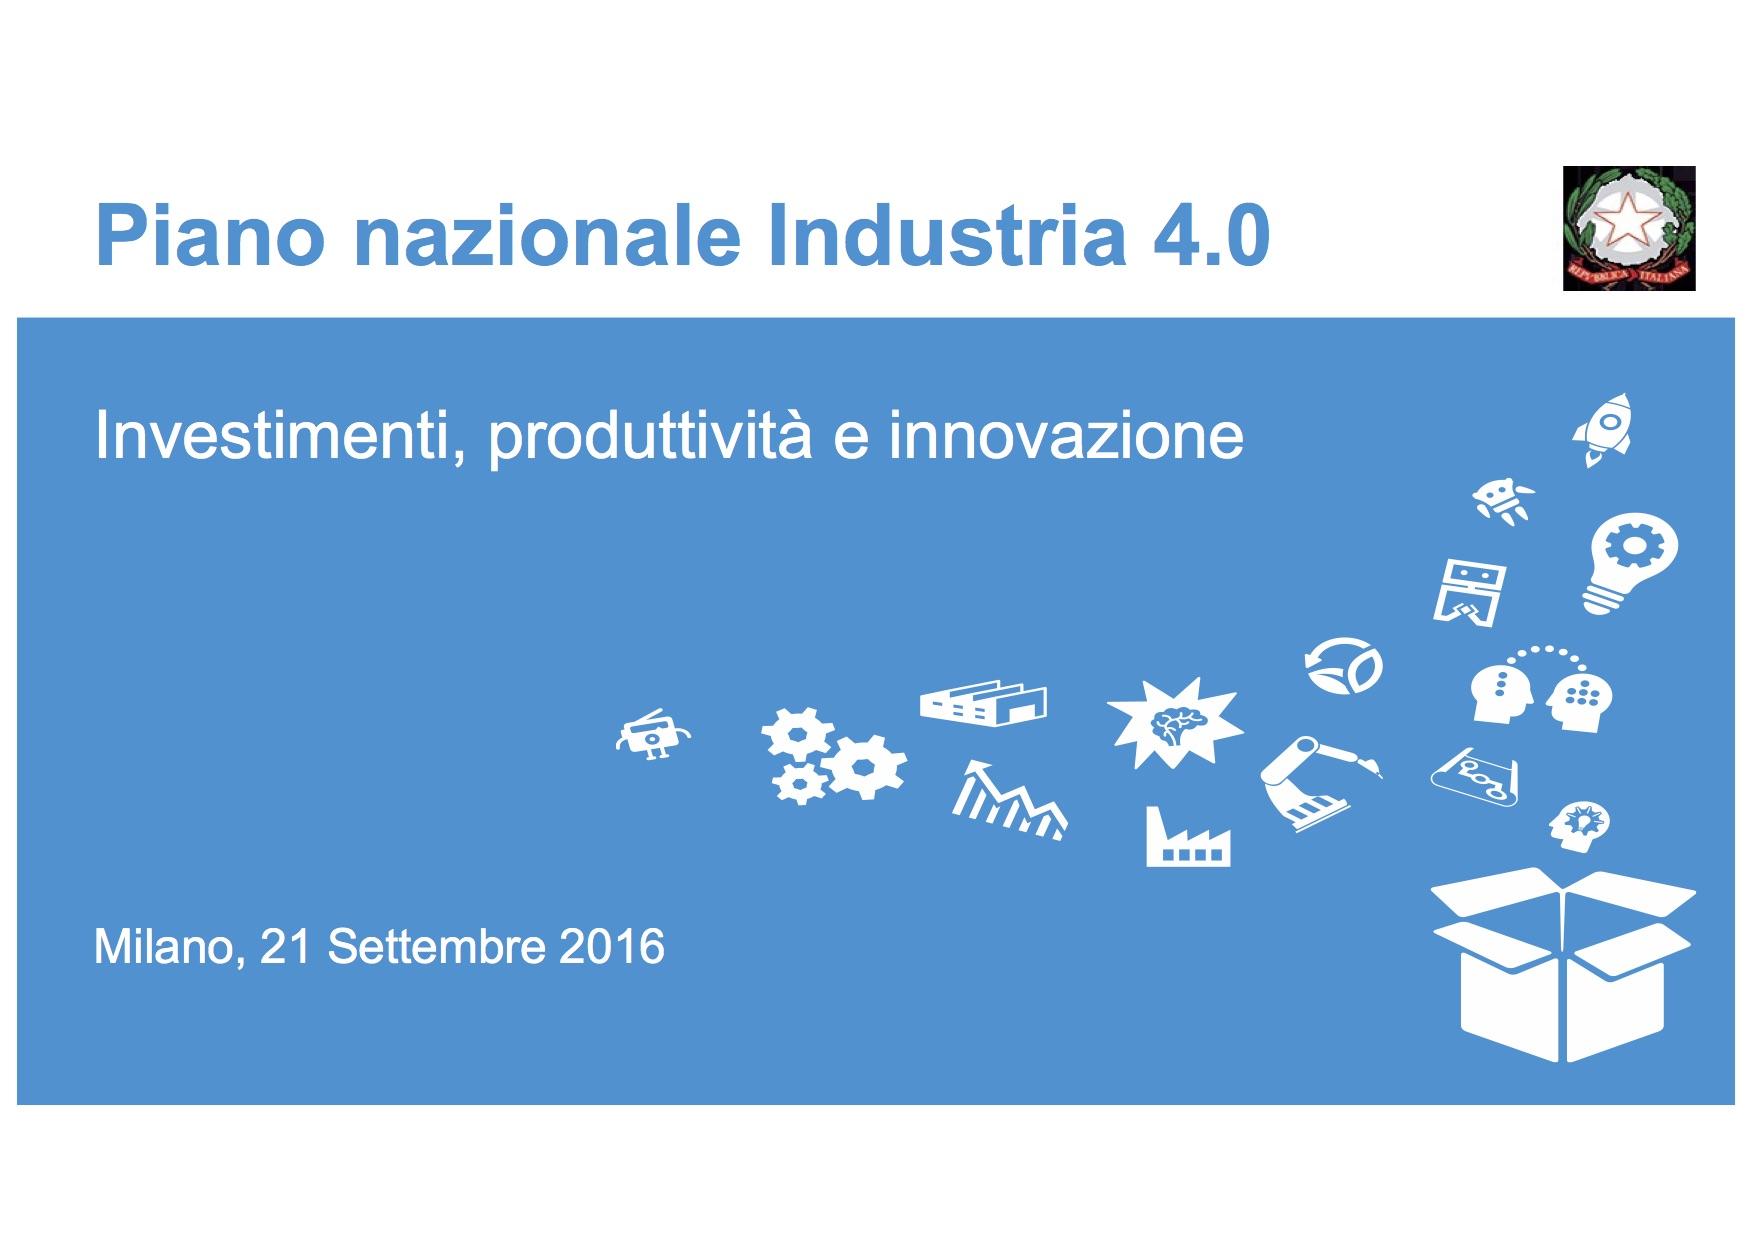 Il rilancio dell'industria 4.0 e le novità